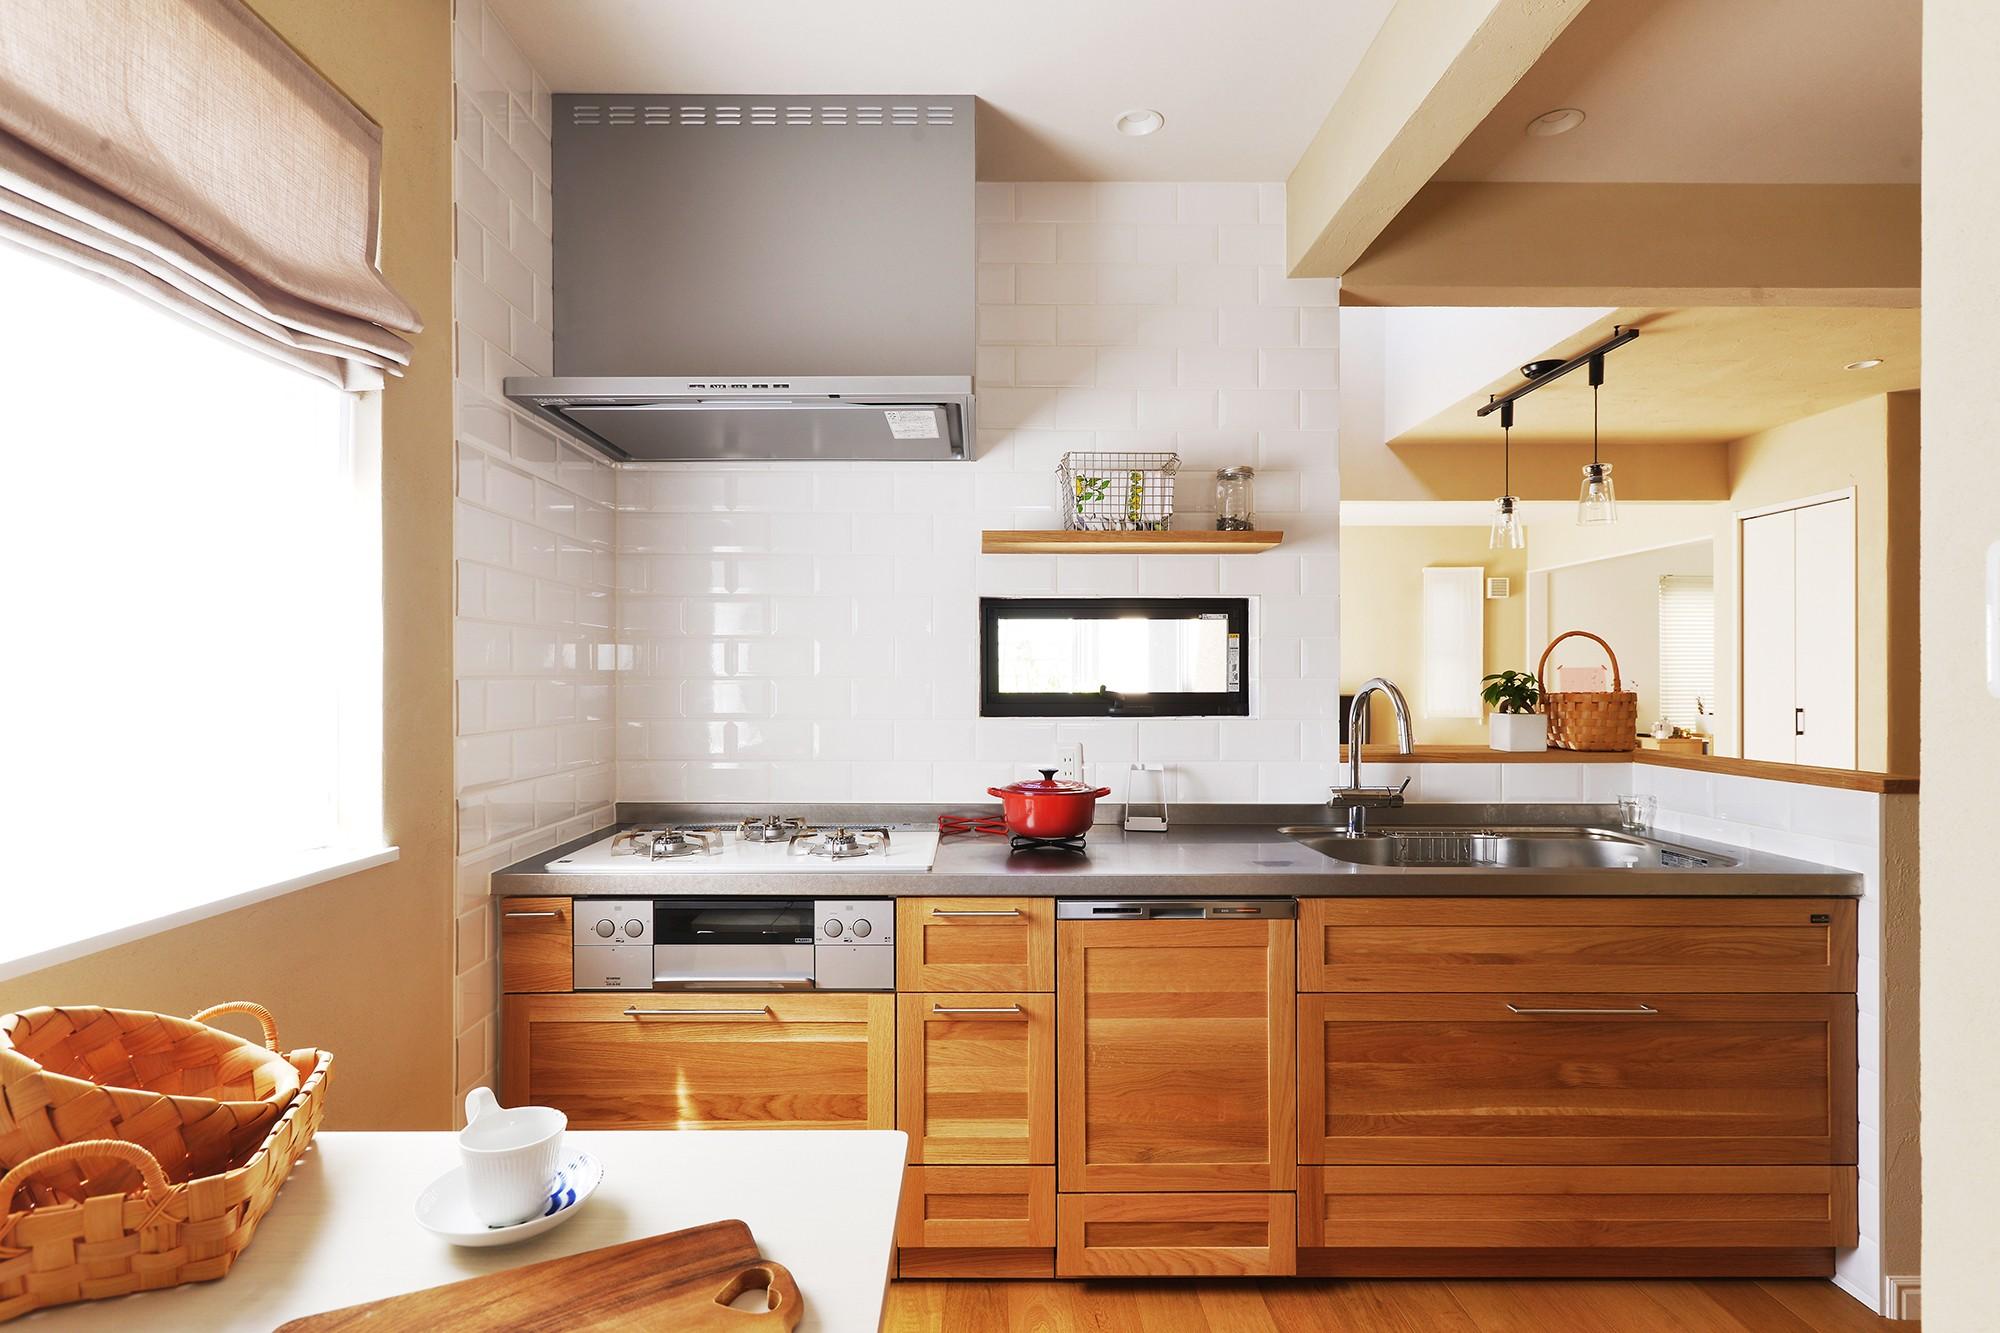 キッチン事例:一部対面式の広々キッチン(横浜市K様邸 ~Smooth Life~)